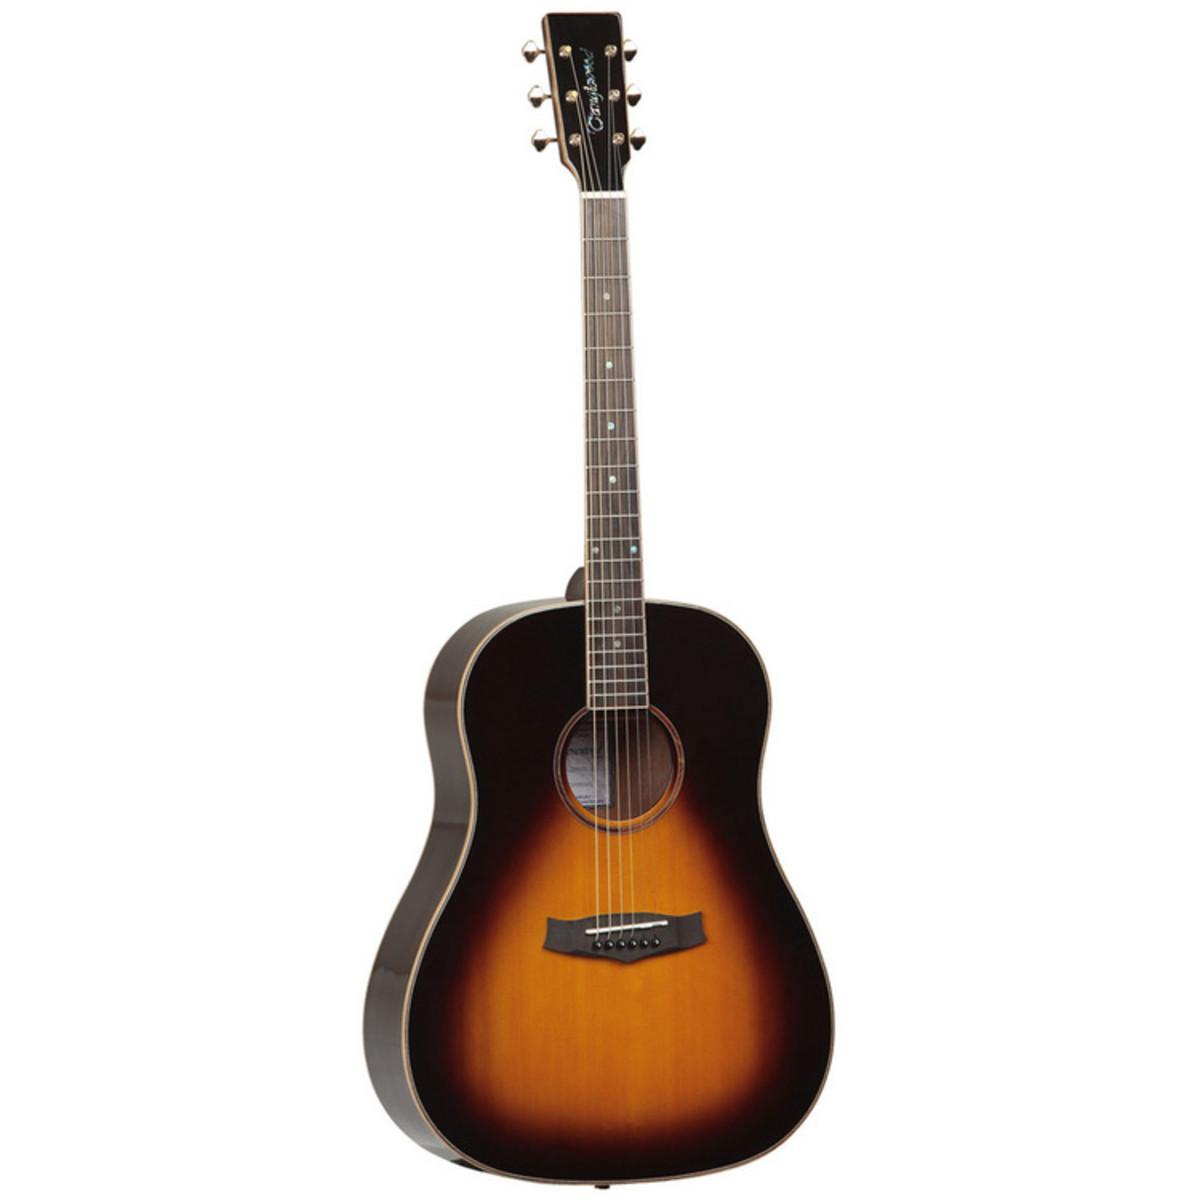 Tanglewood TRD VS Guitar + Perfect Ten Pack At Gear4music.com